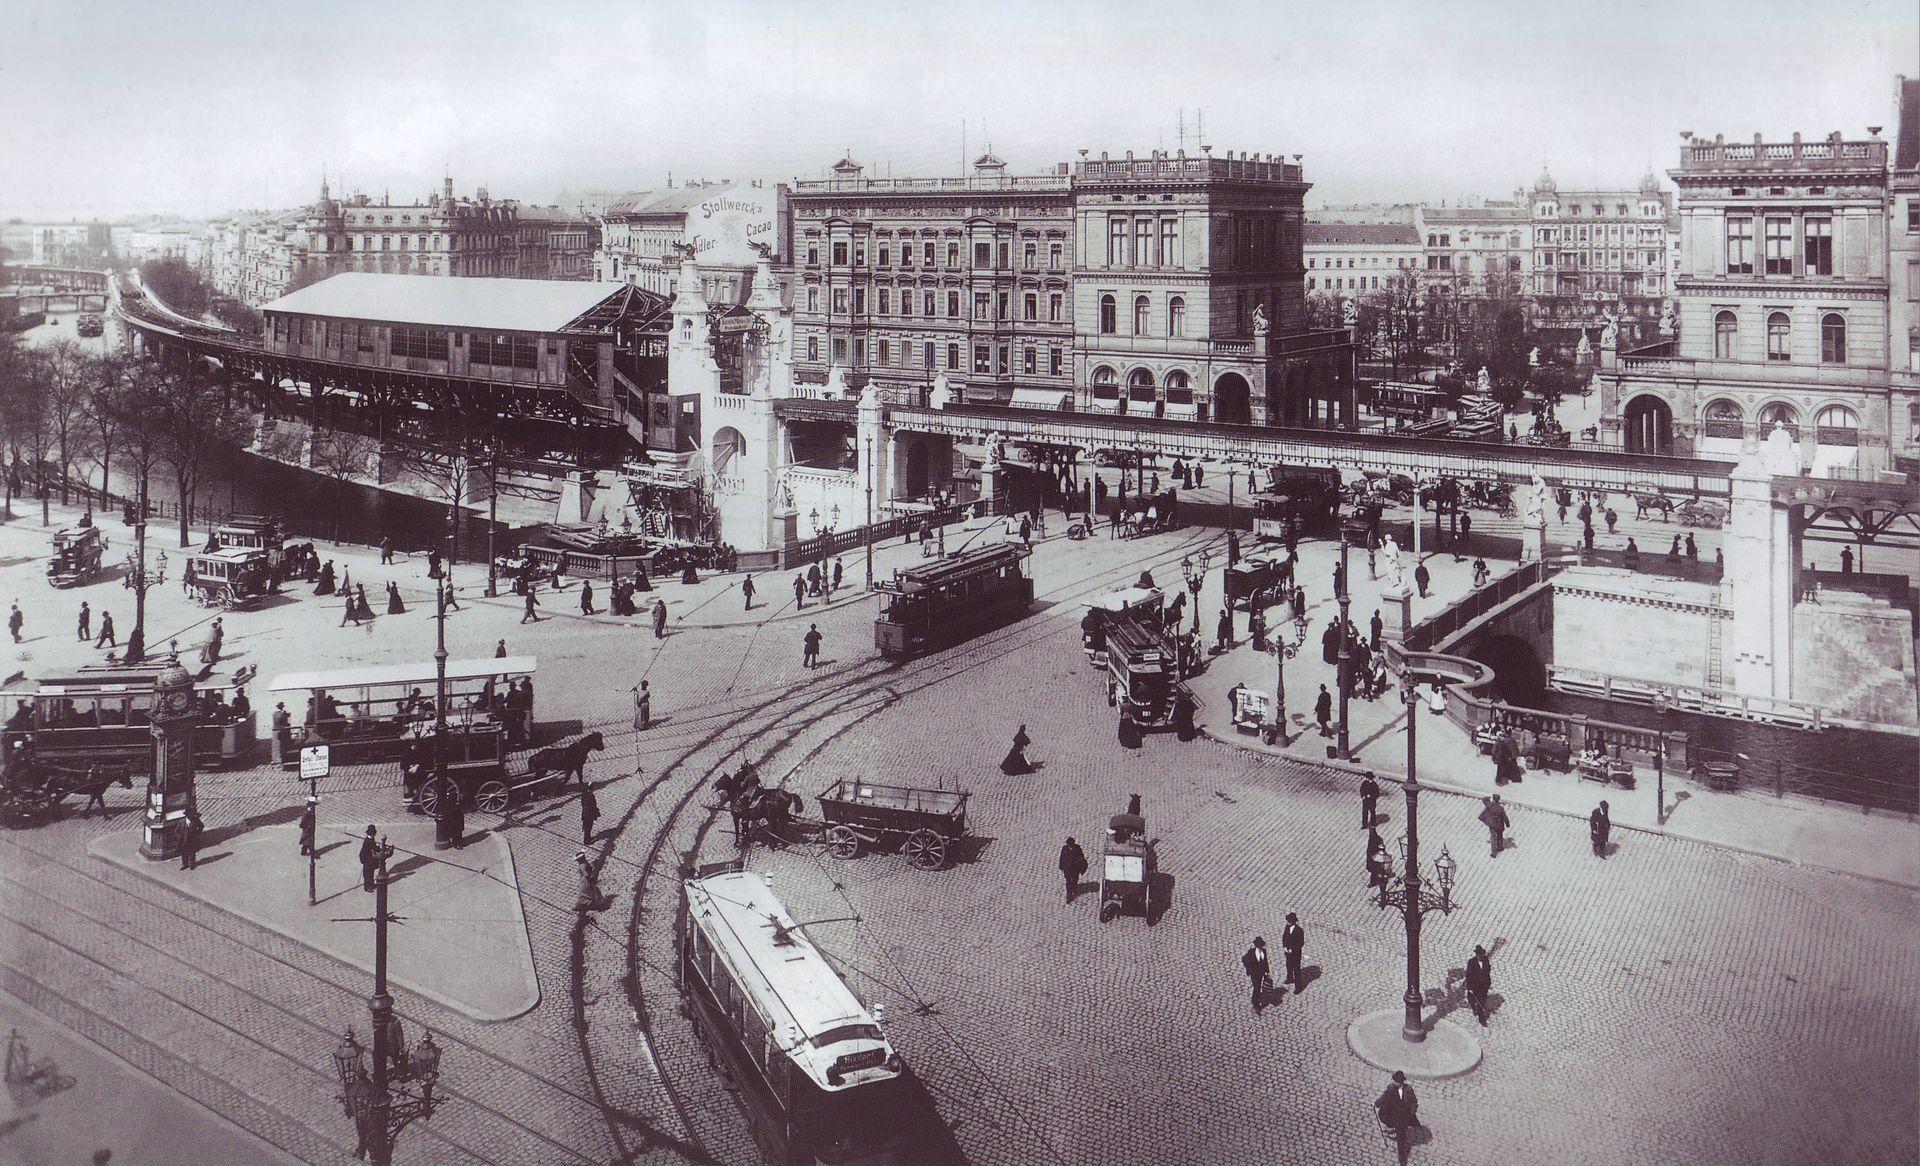 Hallesches_Tor,_1901.jpg